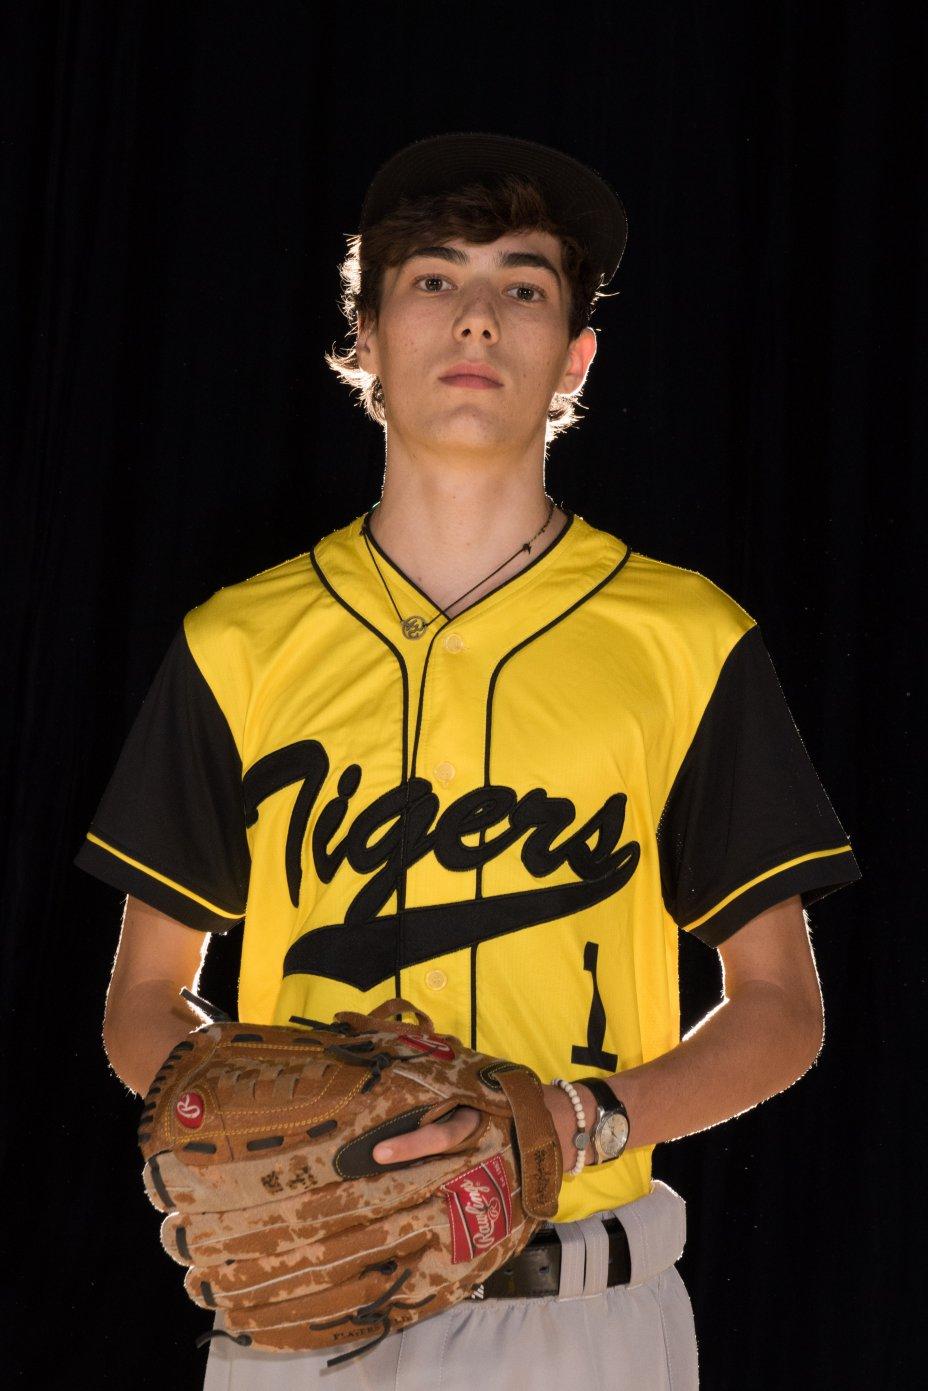 Season 1 WABX HS Varsity Portraits 100